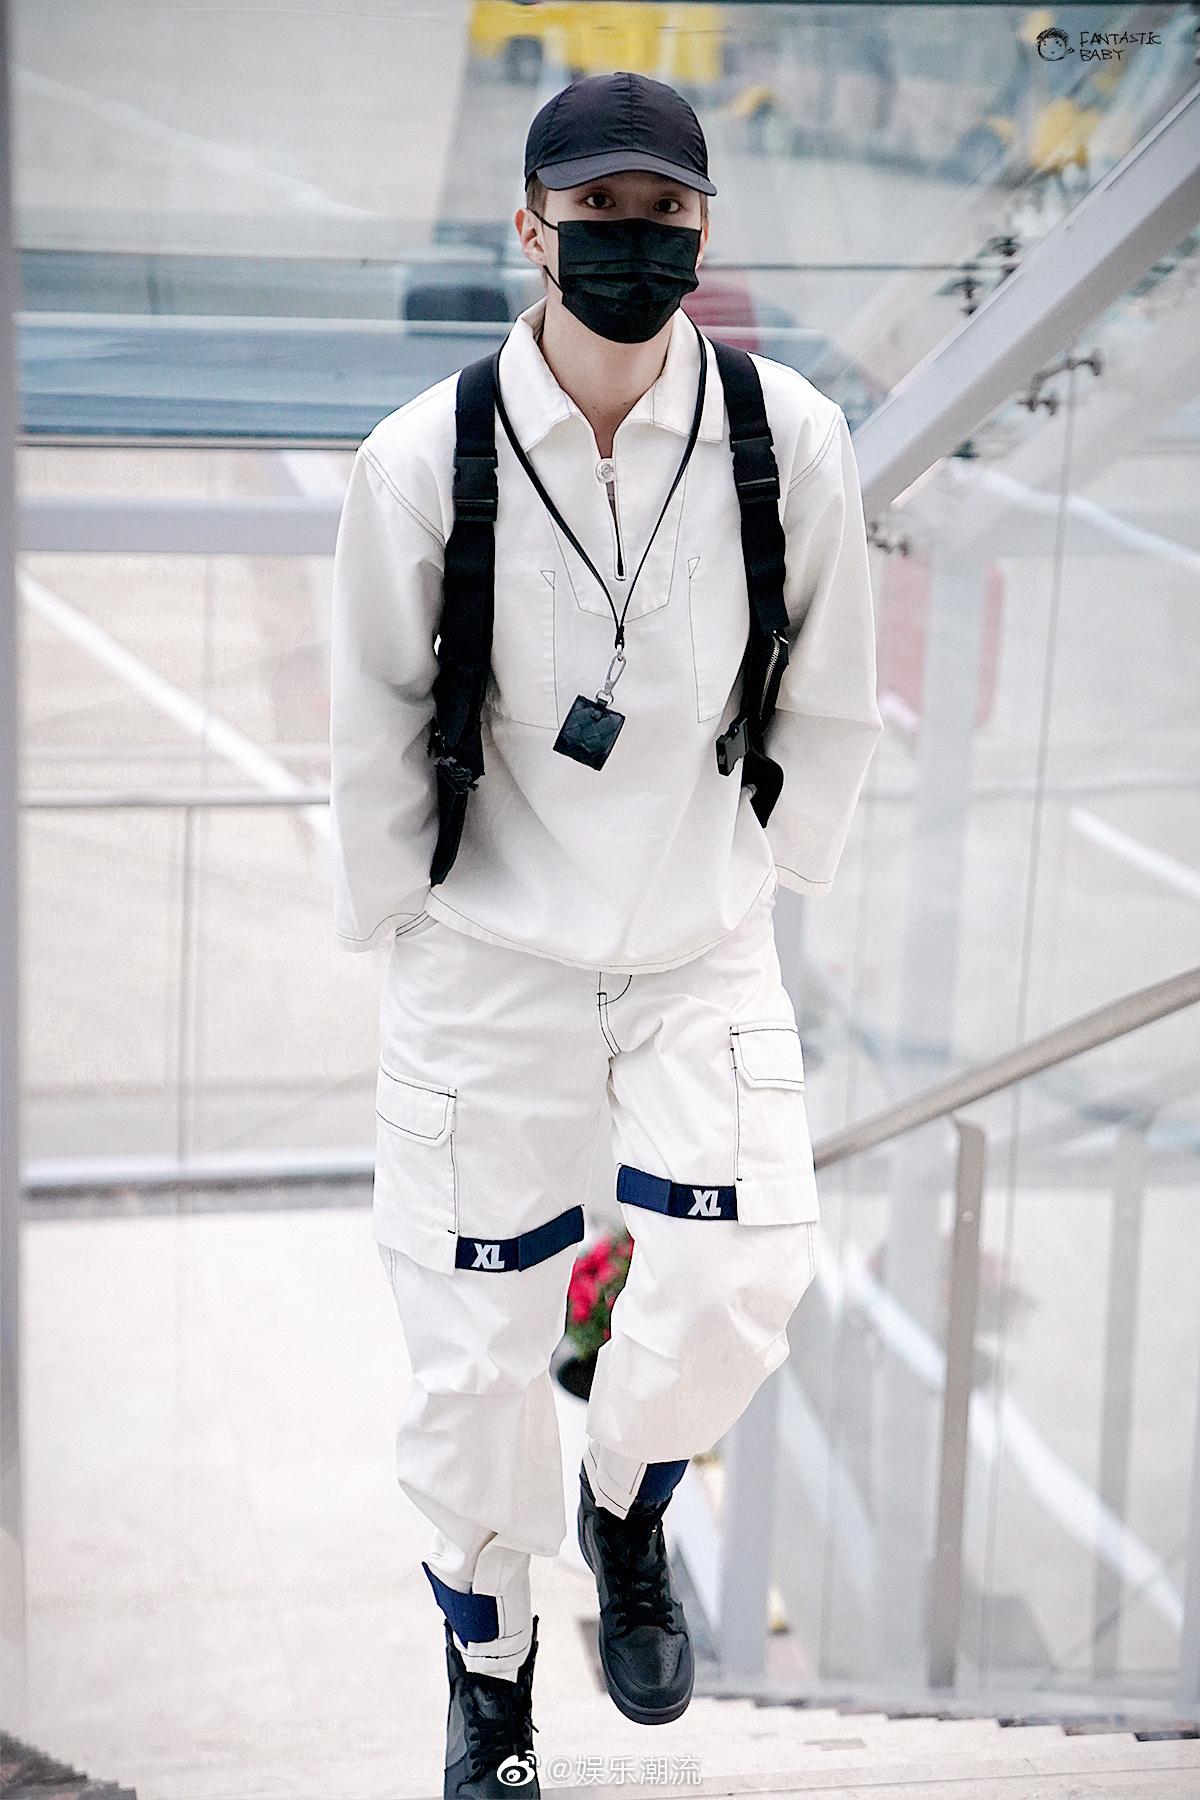 黑白工装风搭配棒球帽马丁靴